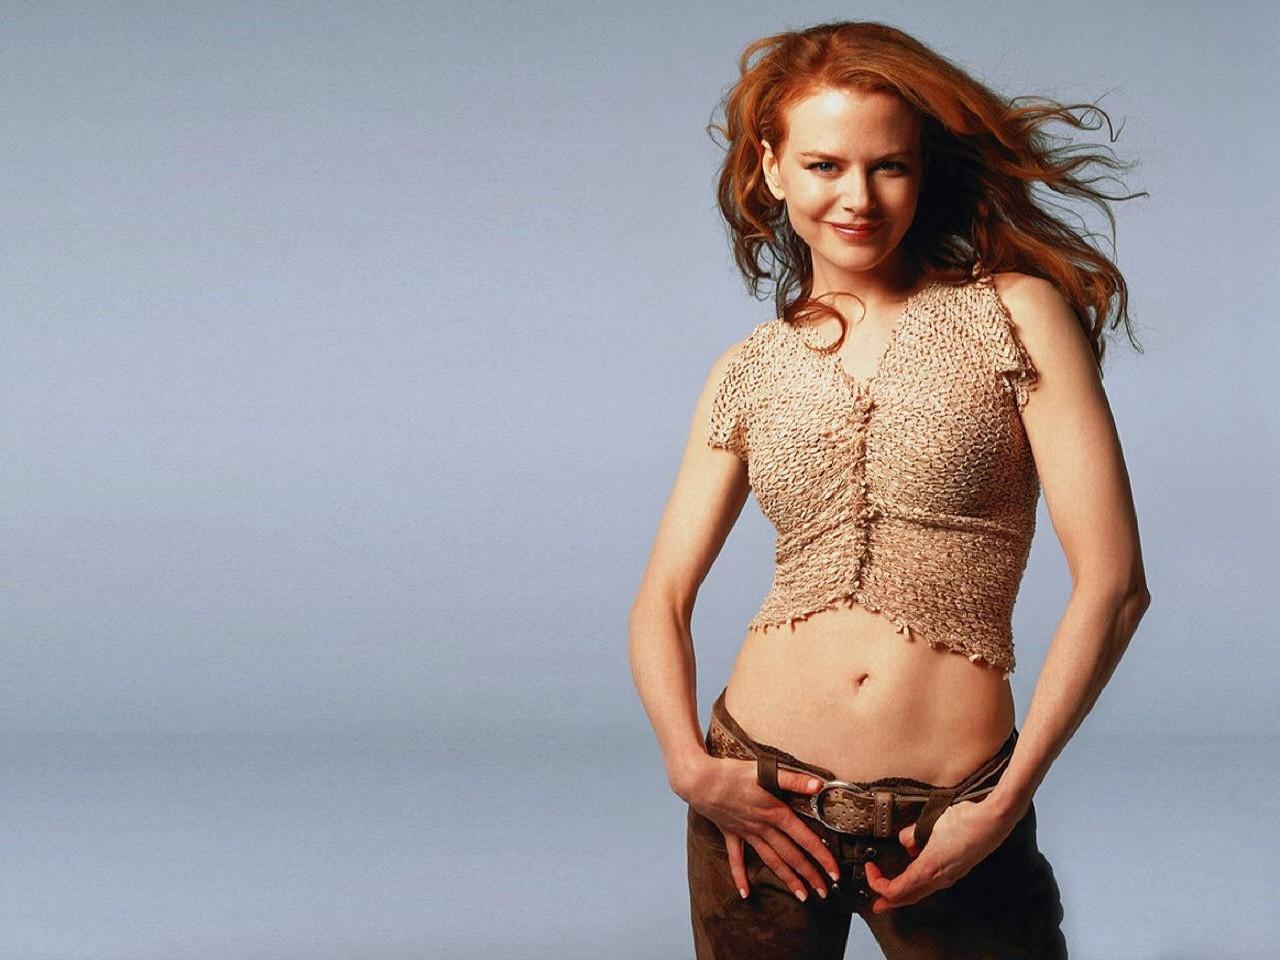 Wallpaper di Nicole Kidman su fondo grigio polvere